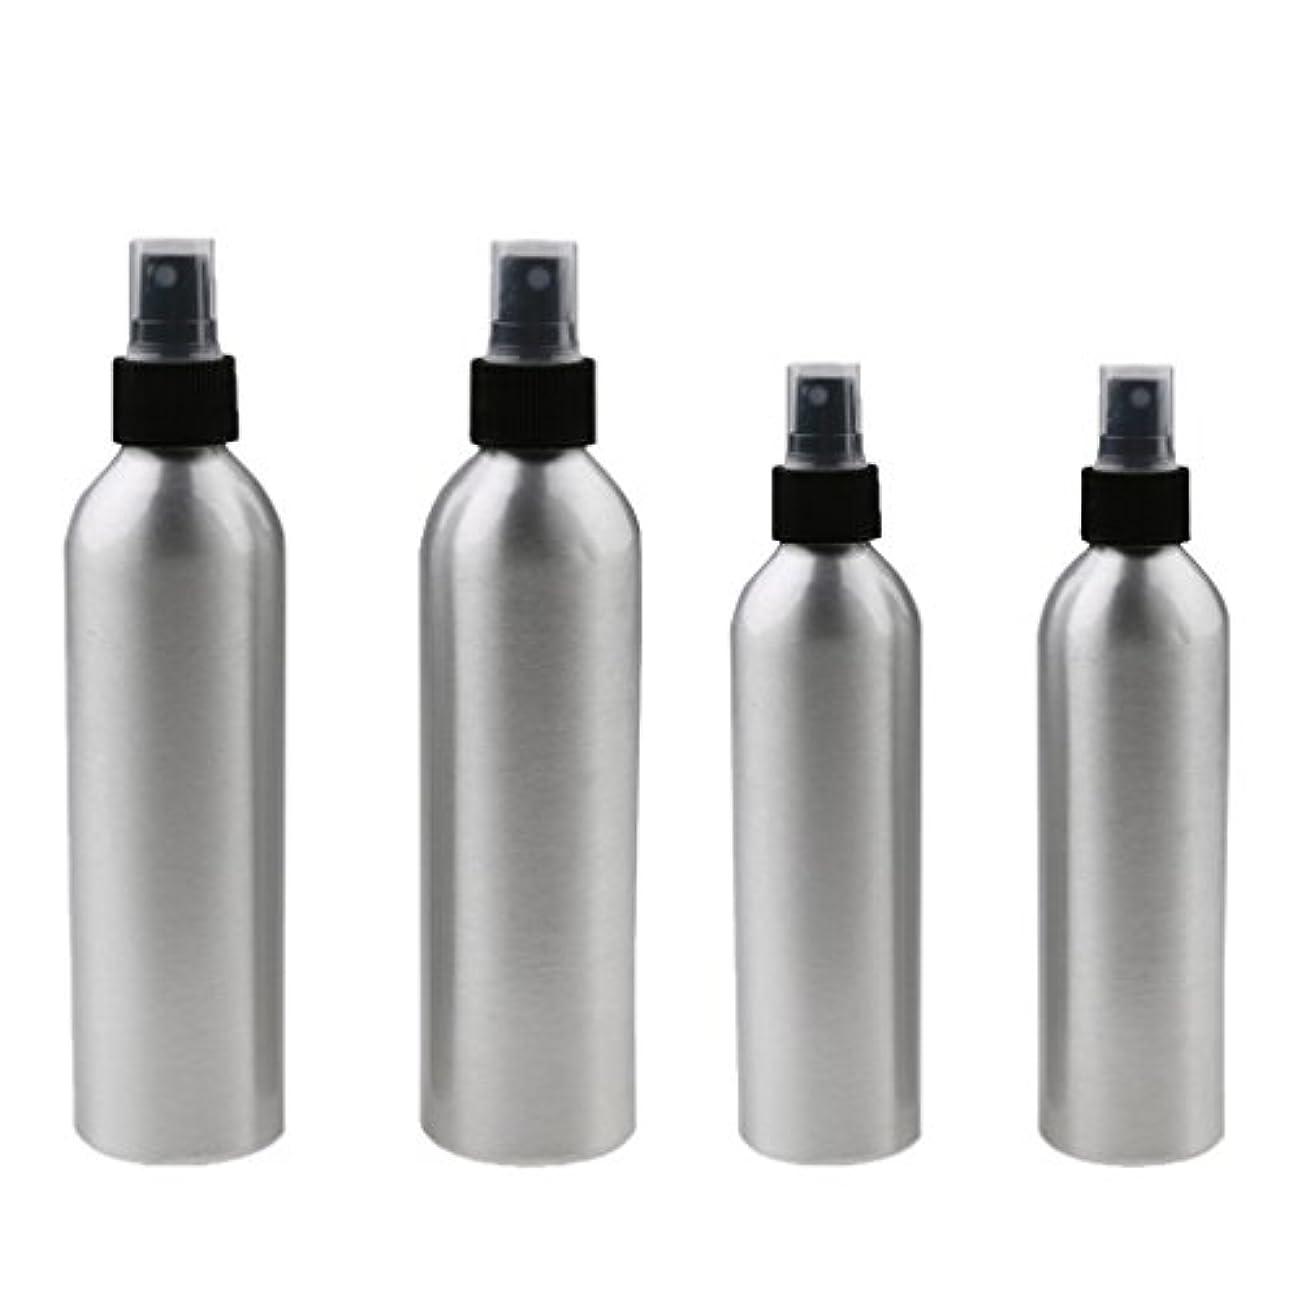 抗議良心有害な4本入り スプレーボトル 100mlと150ml各2本 アルミミスト スプレー 香水 ボトル スプレーアトマイザー